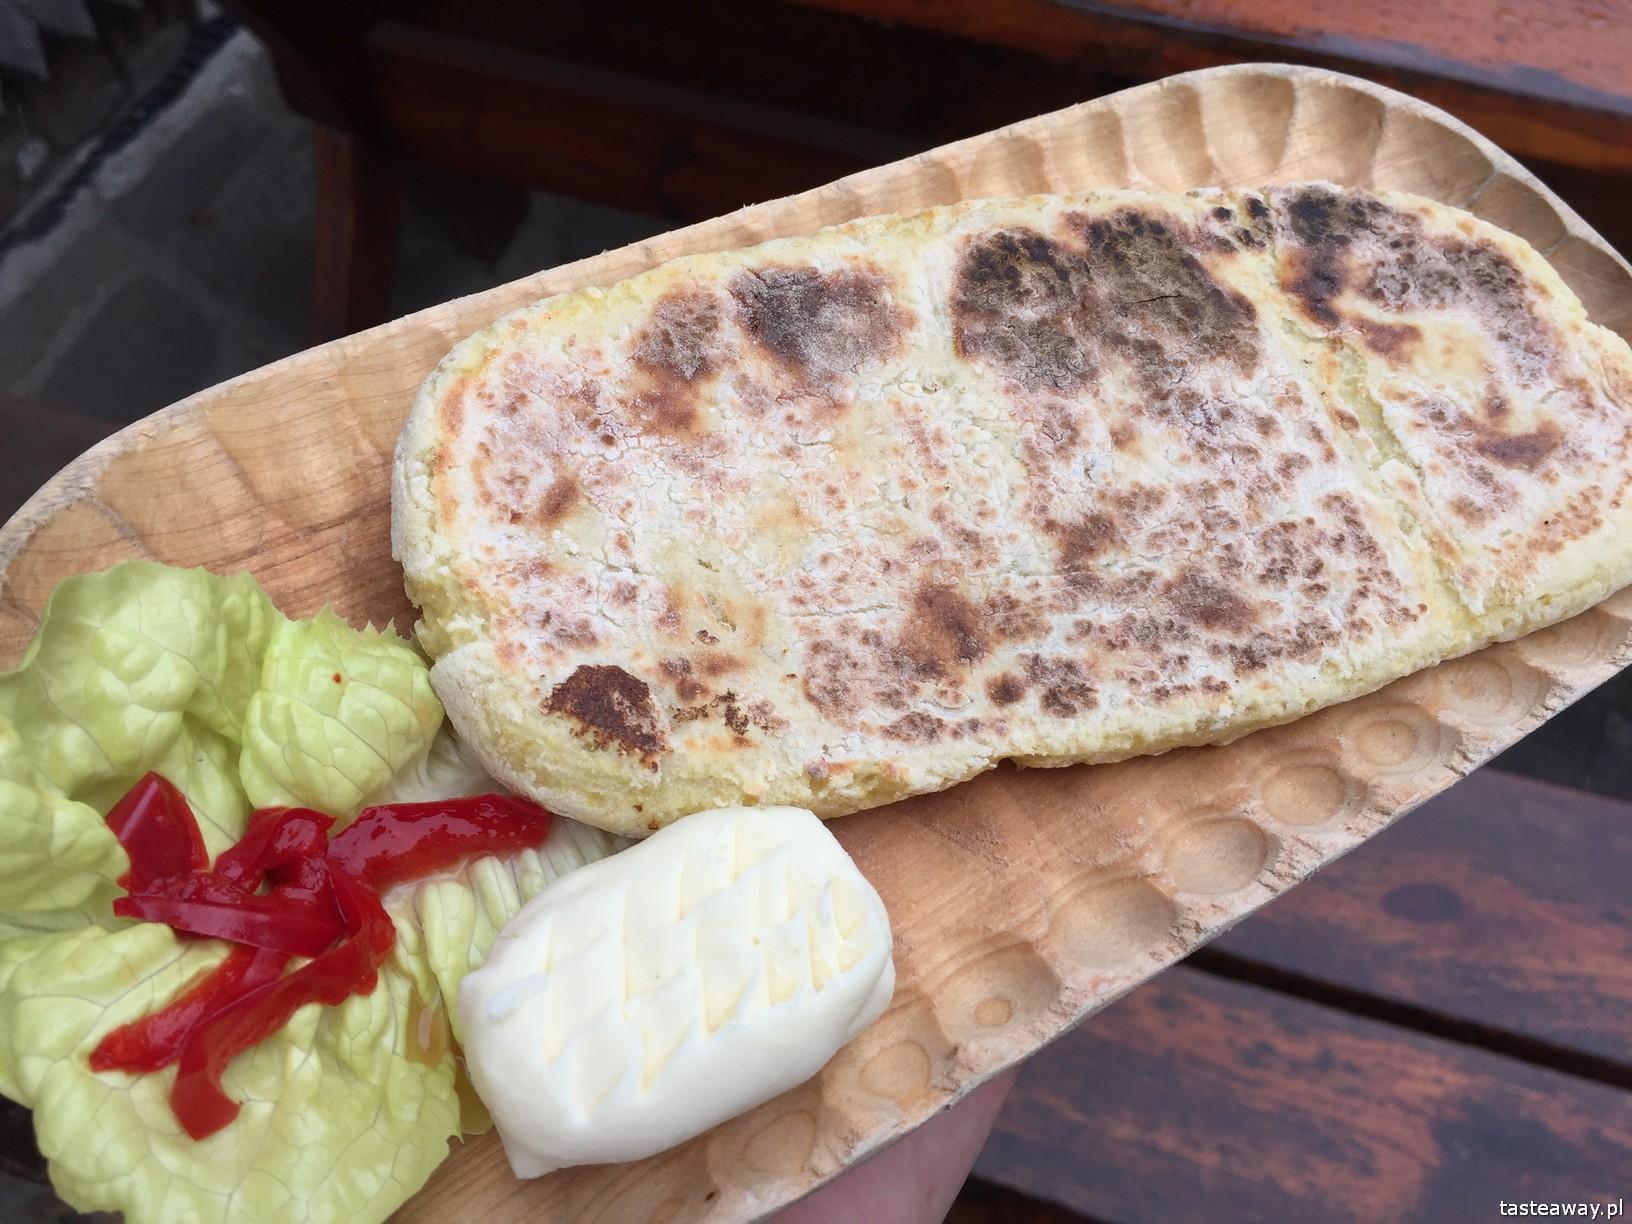 gdzie jeść w Zakopanem, Zakopane i okolice, Bukowina Tatrzańska, gdzie jeść w Bukowinie, kwaśnica, najlepsza kwaśnica, moskole